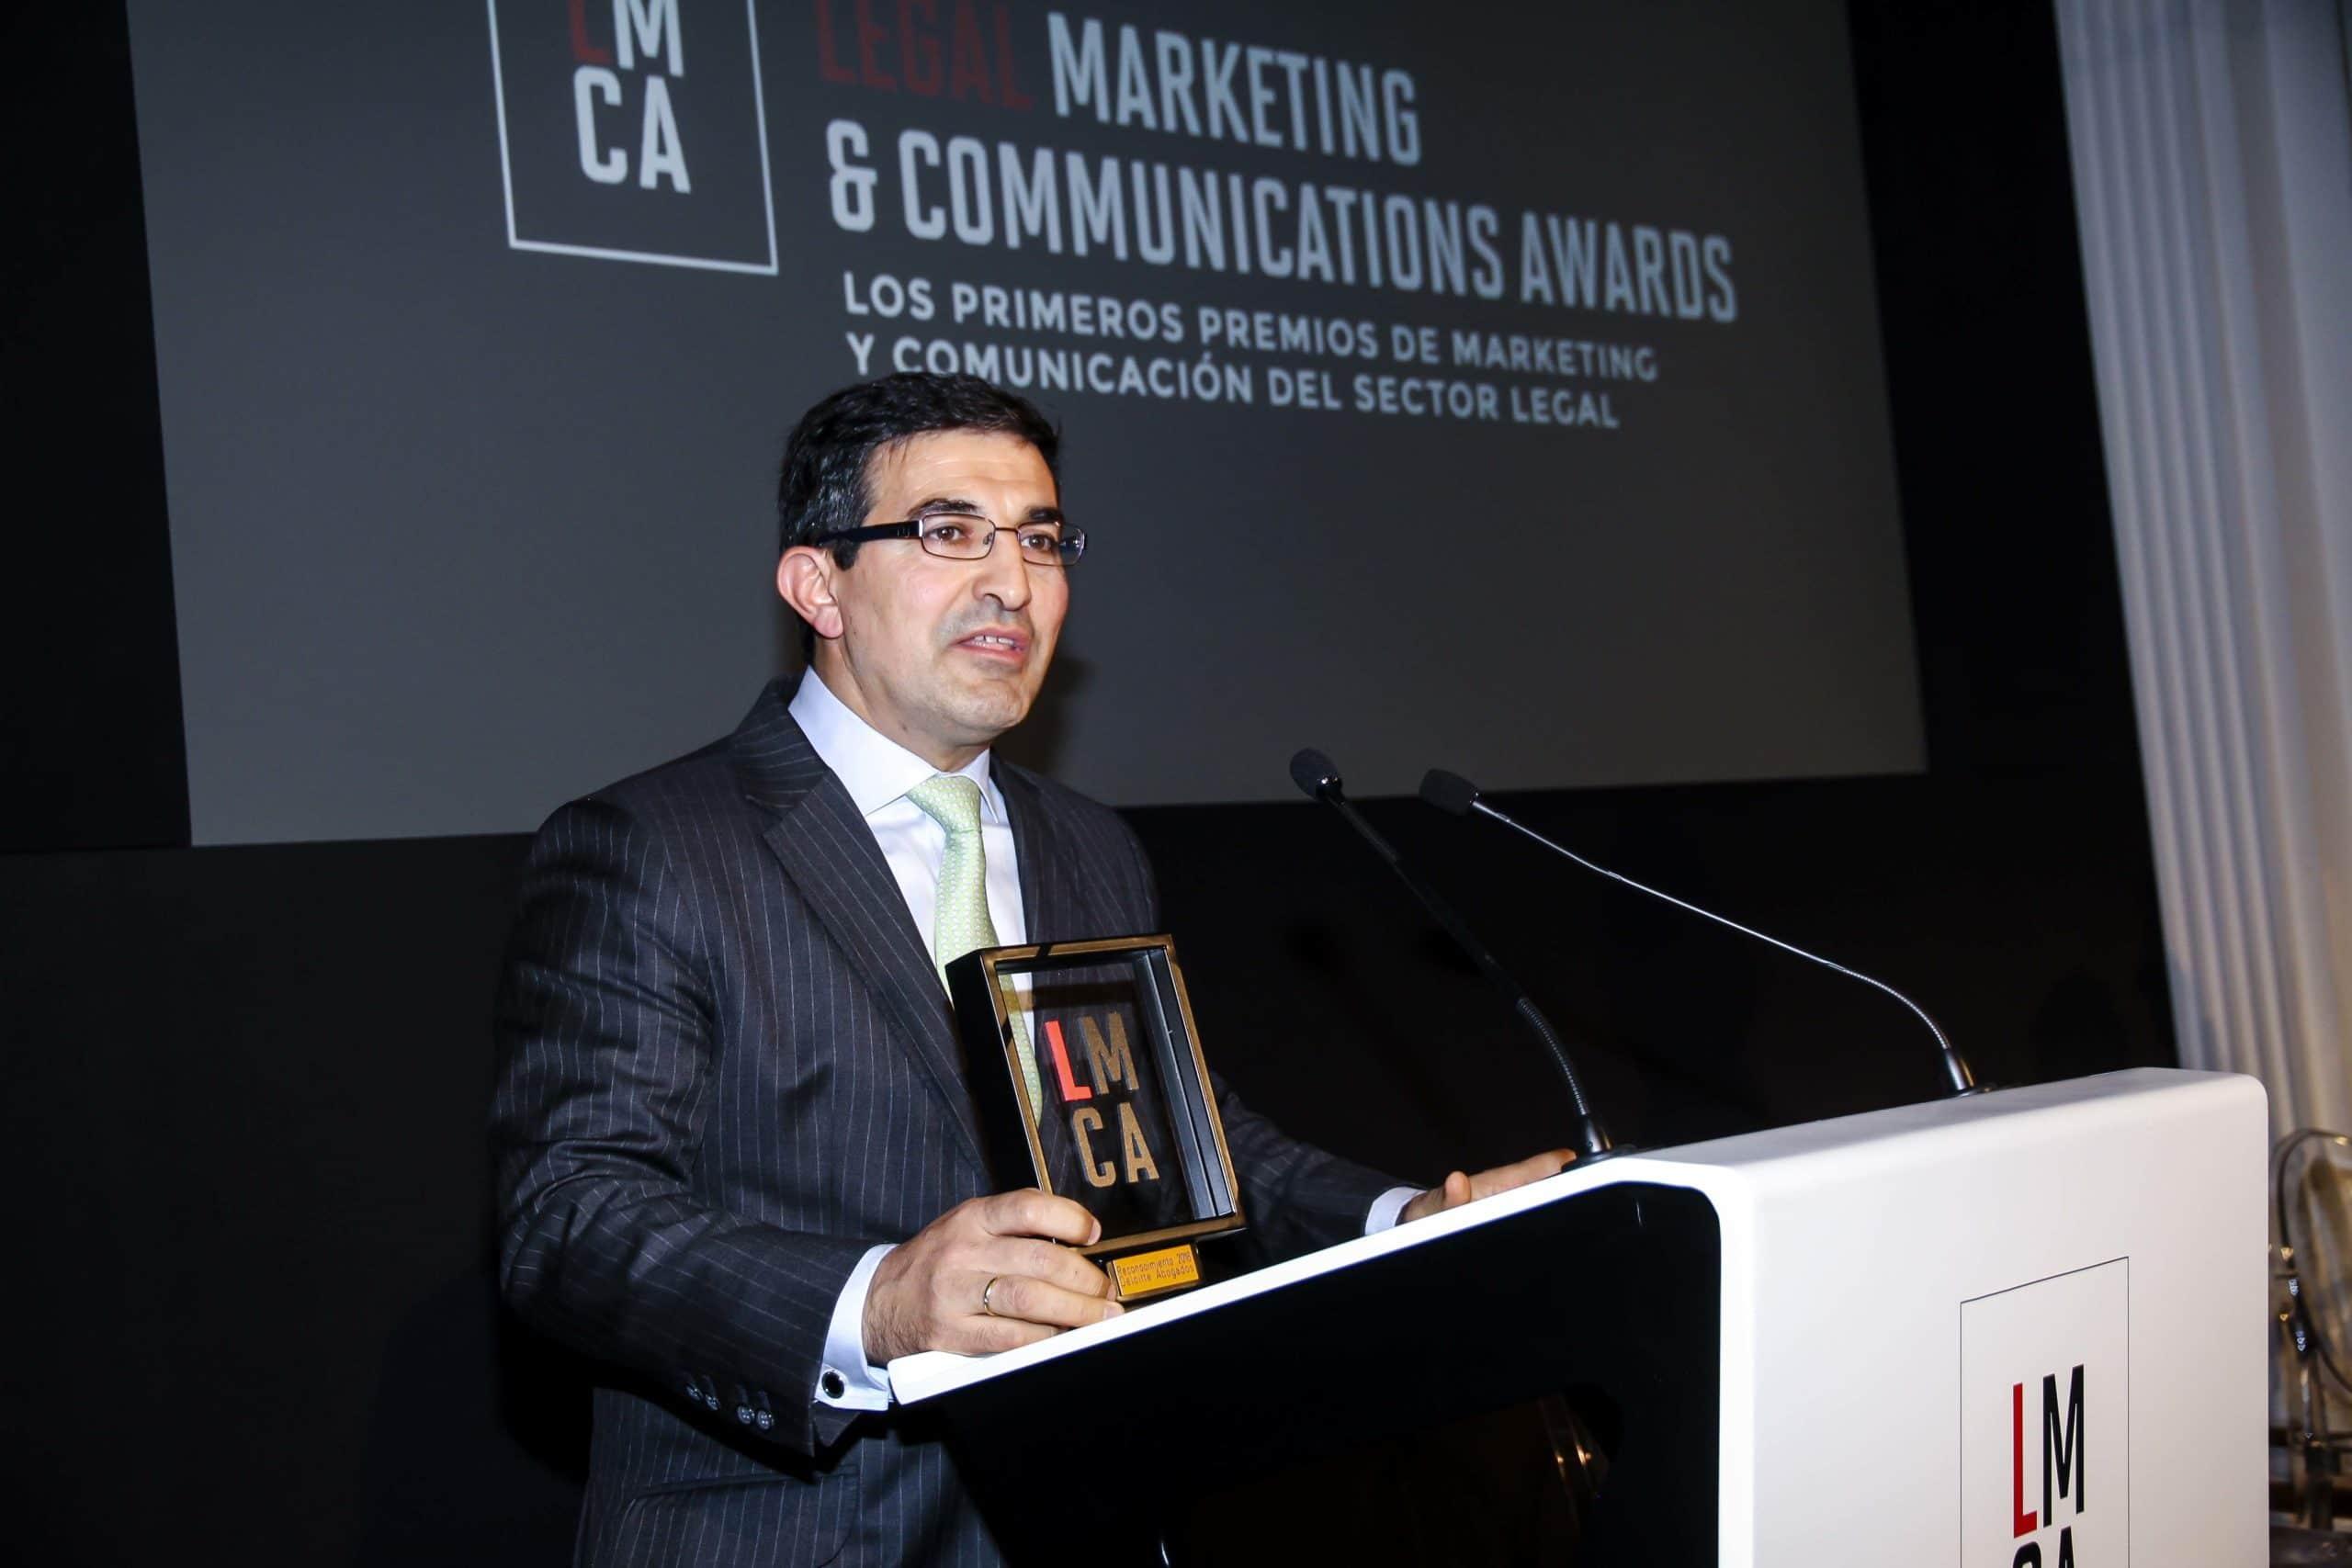 Luis Fernando Guerra, socio director de Deloitte Abogados, cuando le tocó el turno de los agradecimientos. Confilegal.